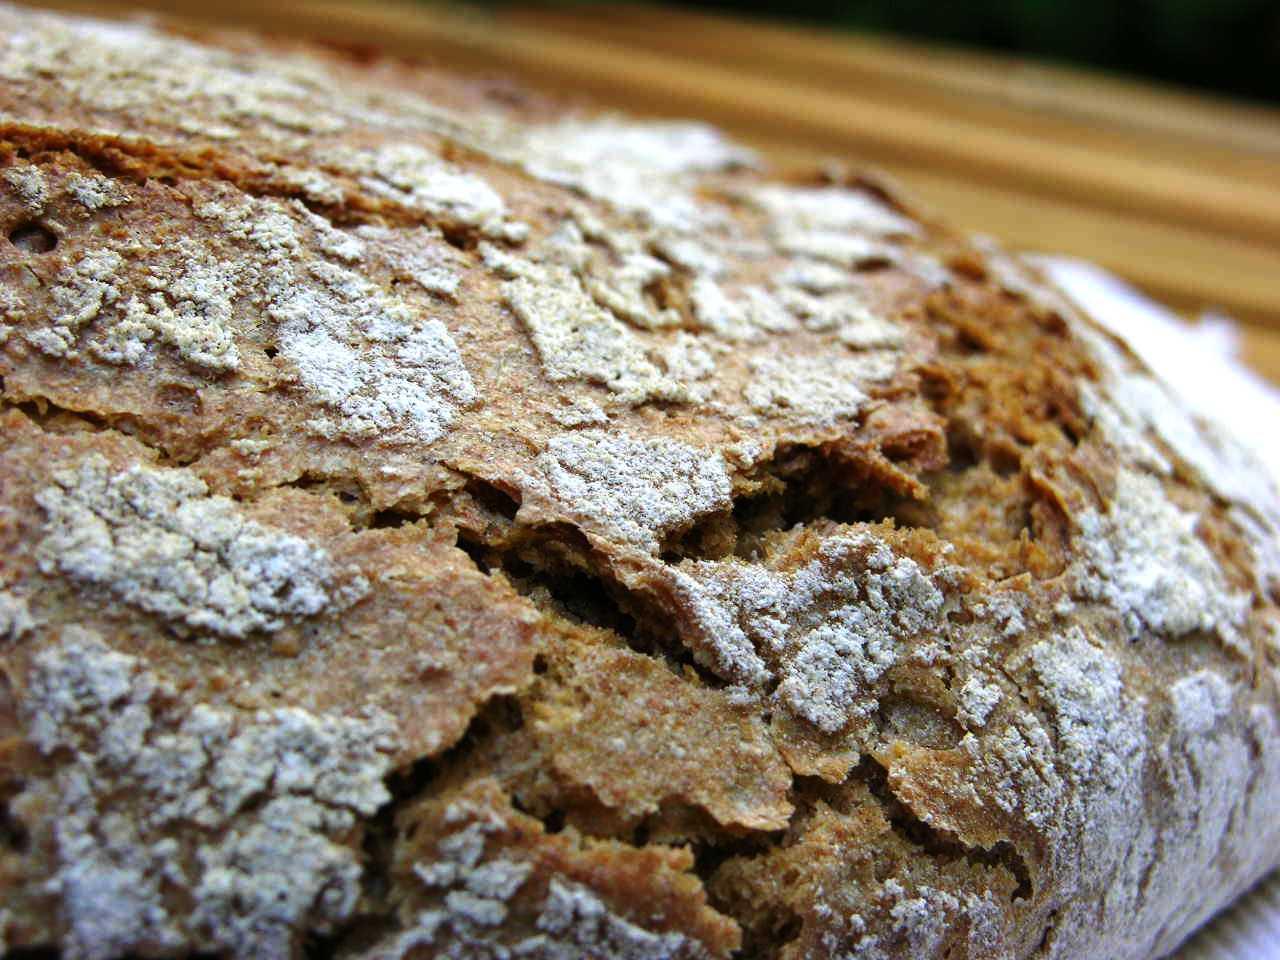 pan de centeno aleman mercadona